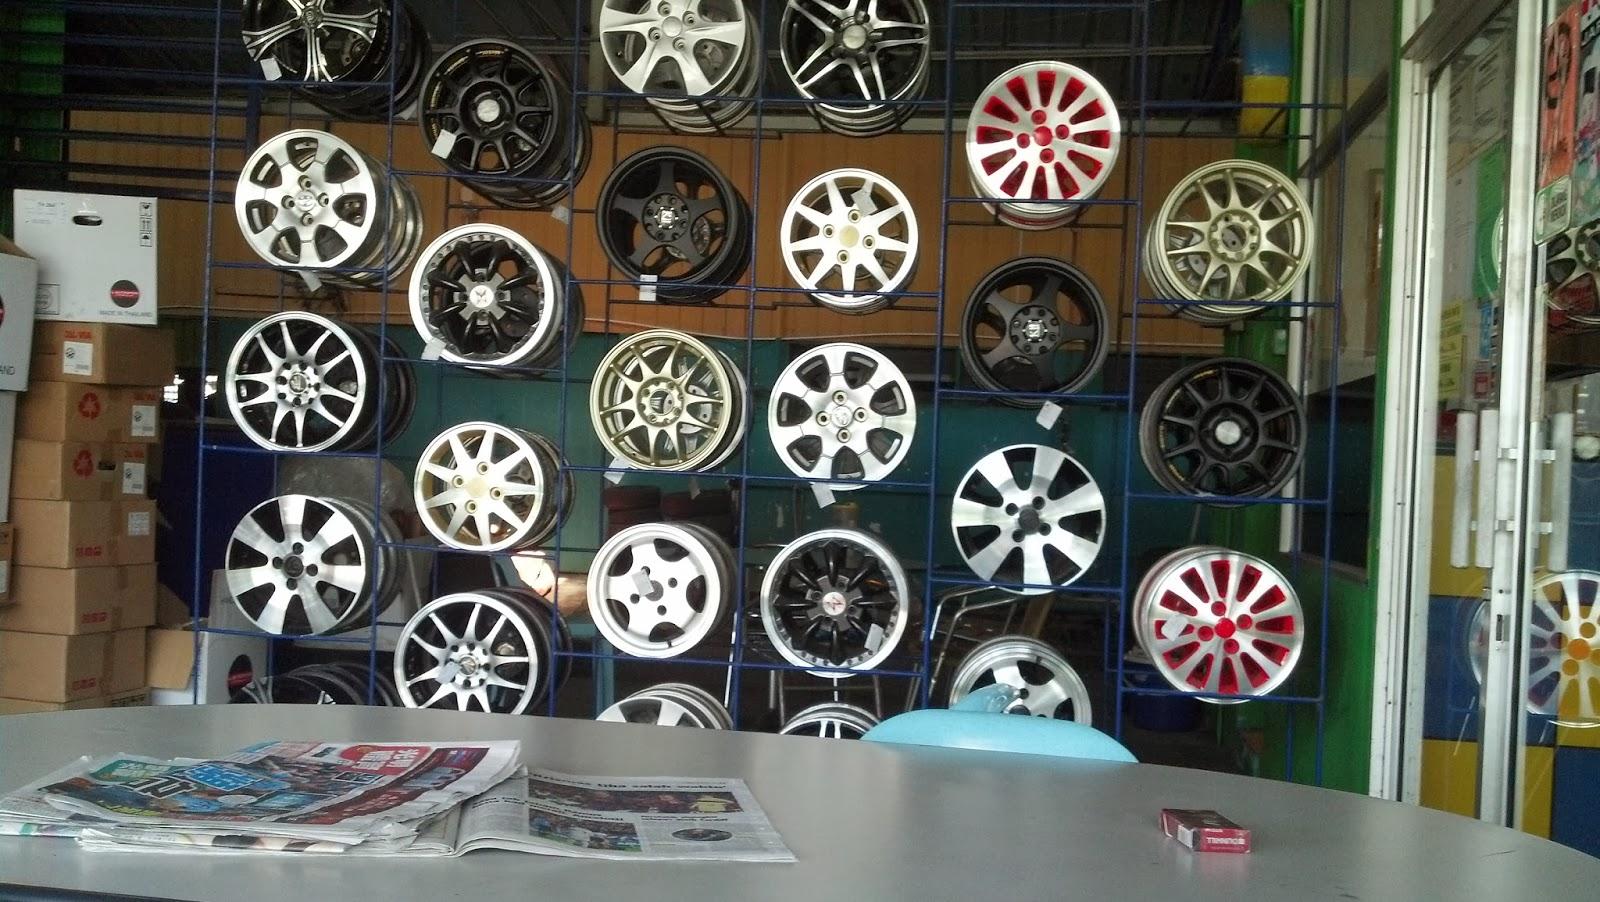 sport rim murah,harga alignment,alignment tayar kereta,tayar dan alignment